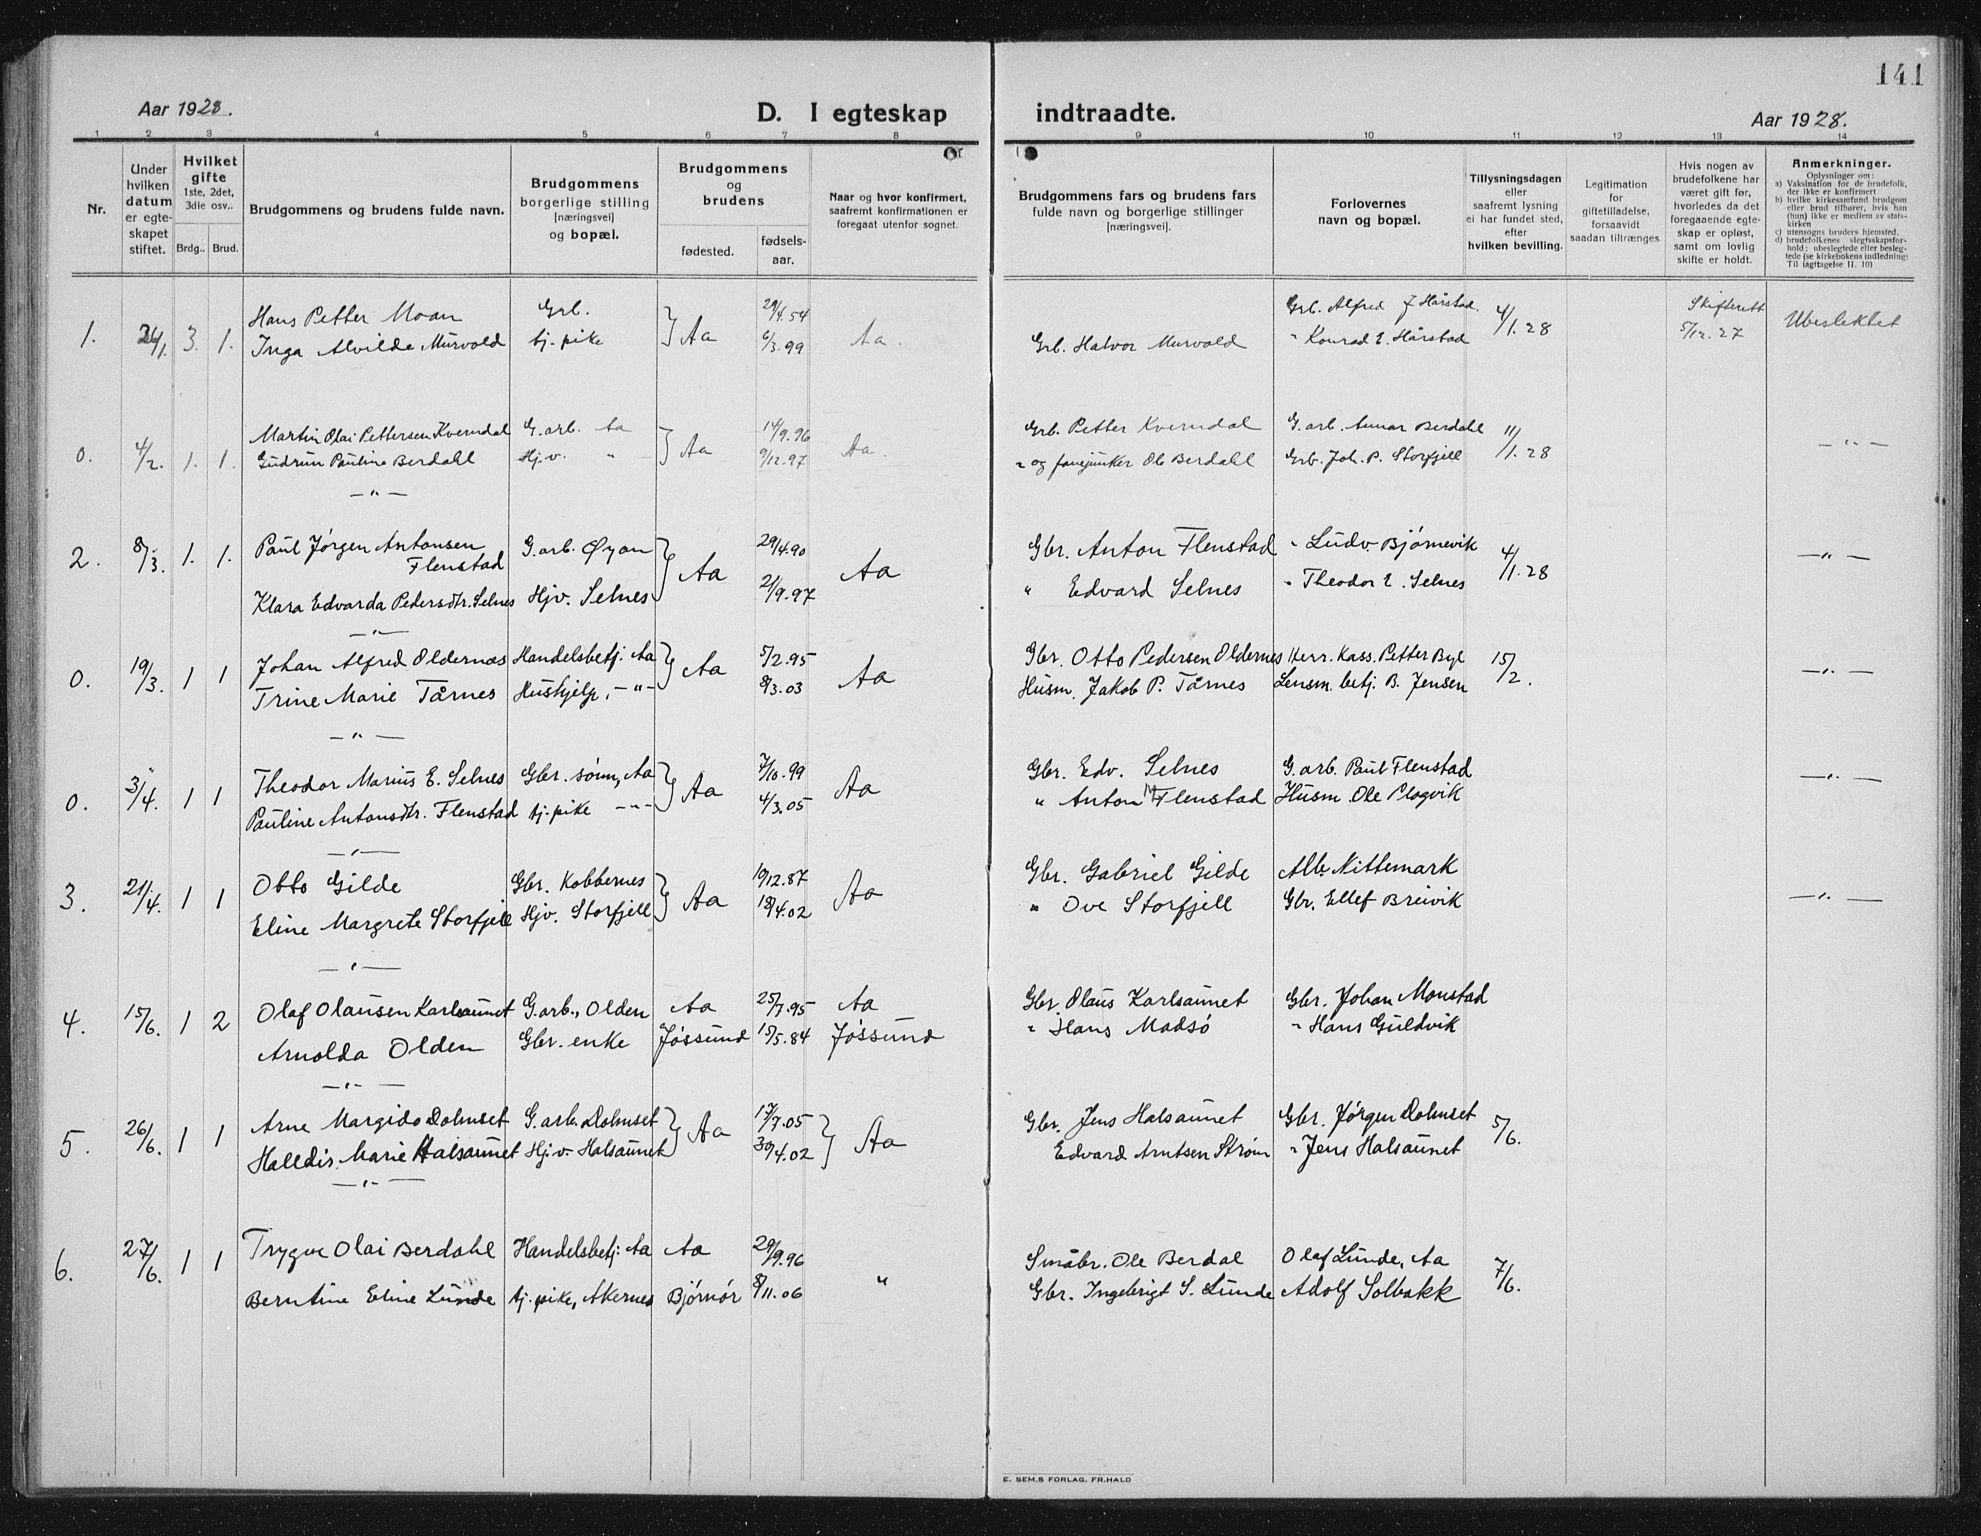 SAT, Ministerialprotokoller, klokkerbøker og fødselsregistre - Sør-Trøndelag, 655/L0689: Klokkerbok nr. 655C05, 1922-1936, s. 141